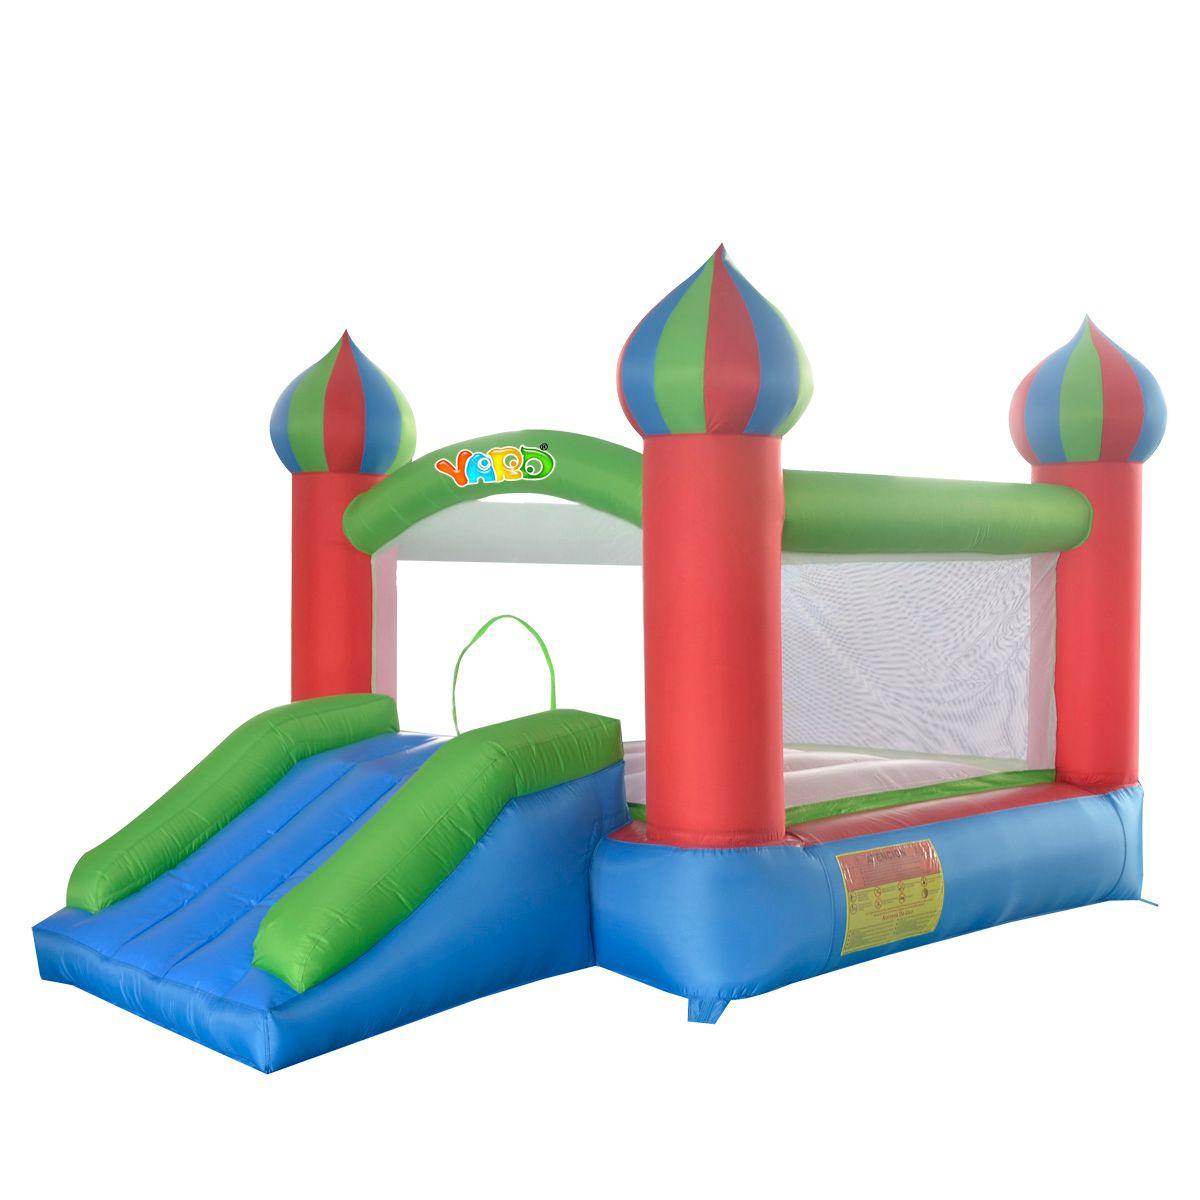 Jardim Home Uso Inflável Bounce Bounce Casa Bouncy Castelo Jumper Moonwalk Trampoline Brinquedos Jogo Com Blower